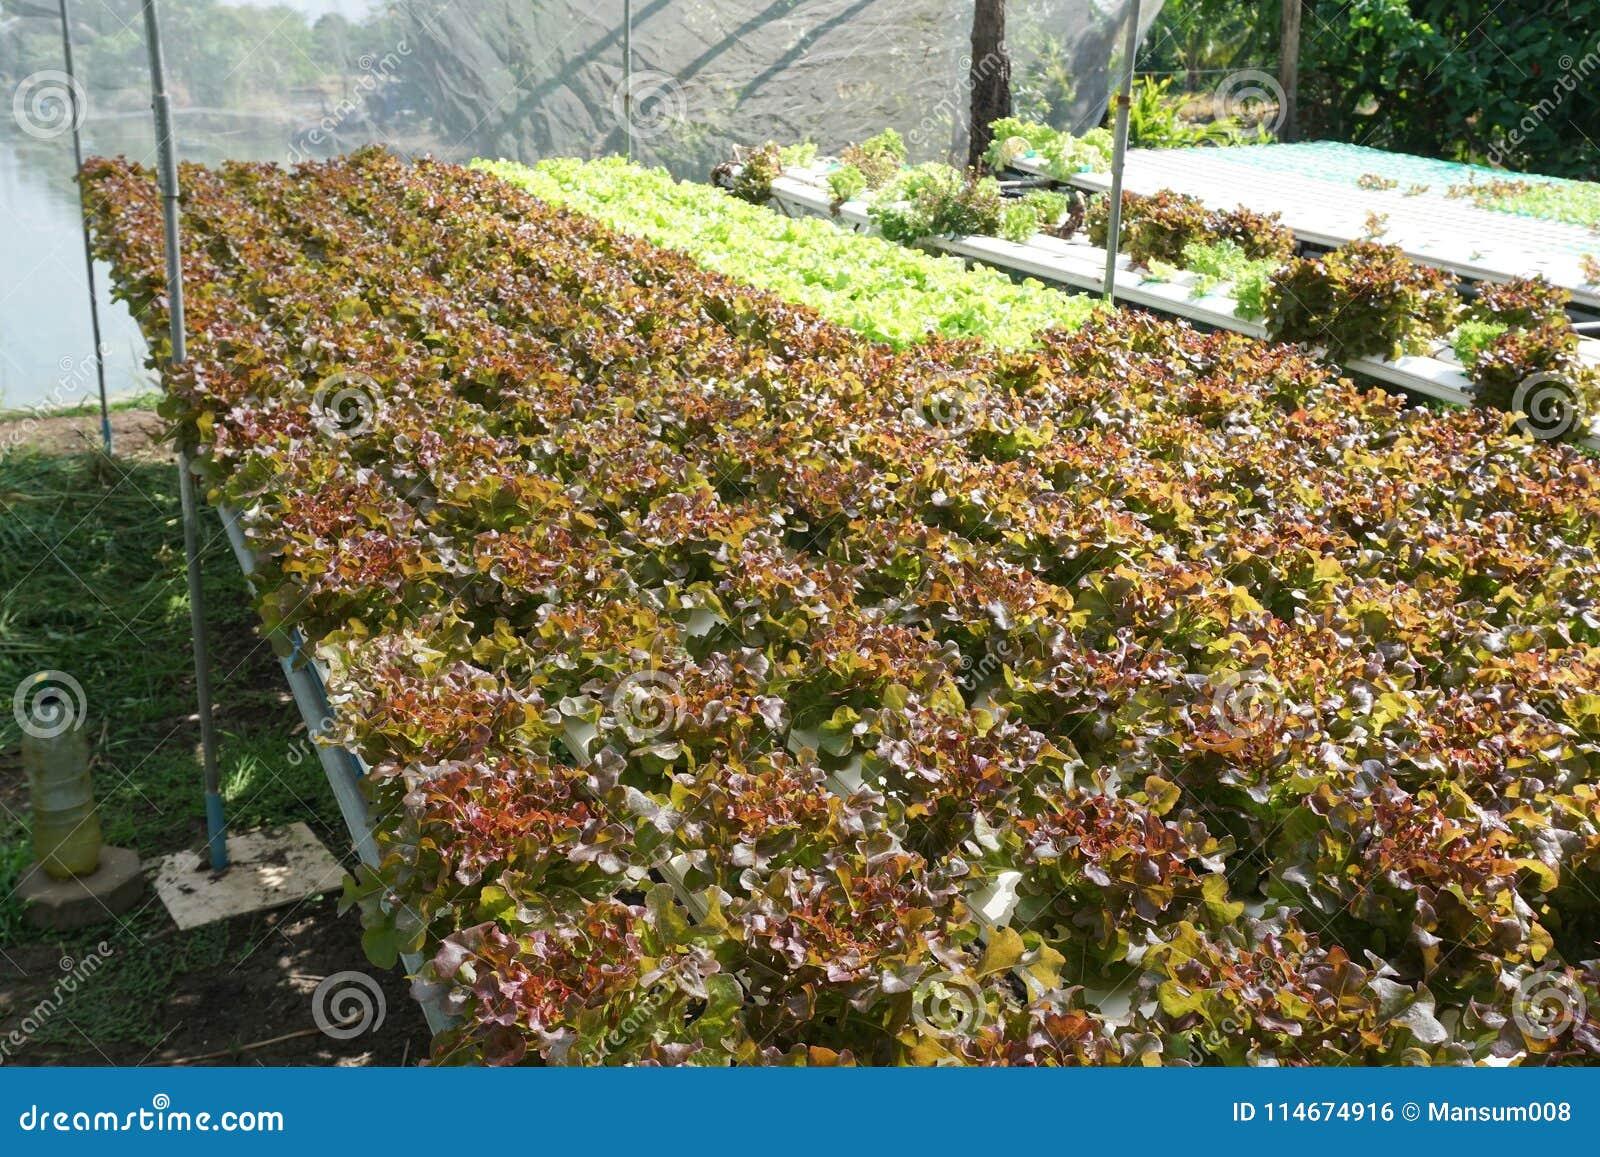 Fresh Red Oak Plant In Vegetable Garden Stock Photo - Image of fresh ...